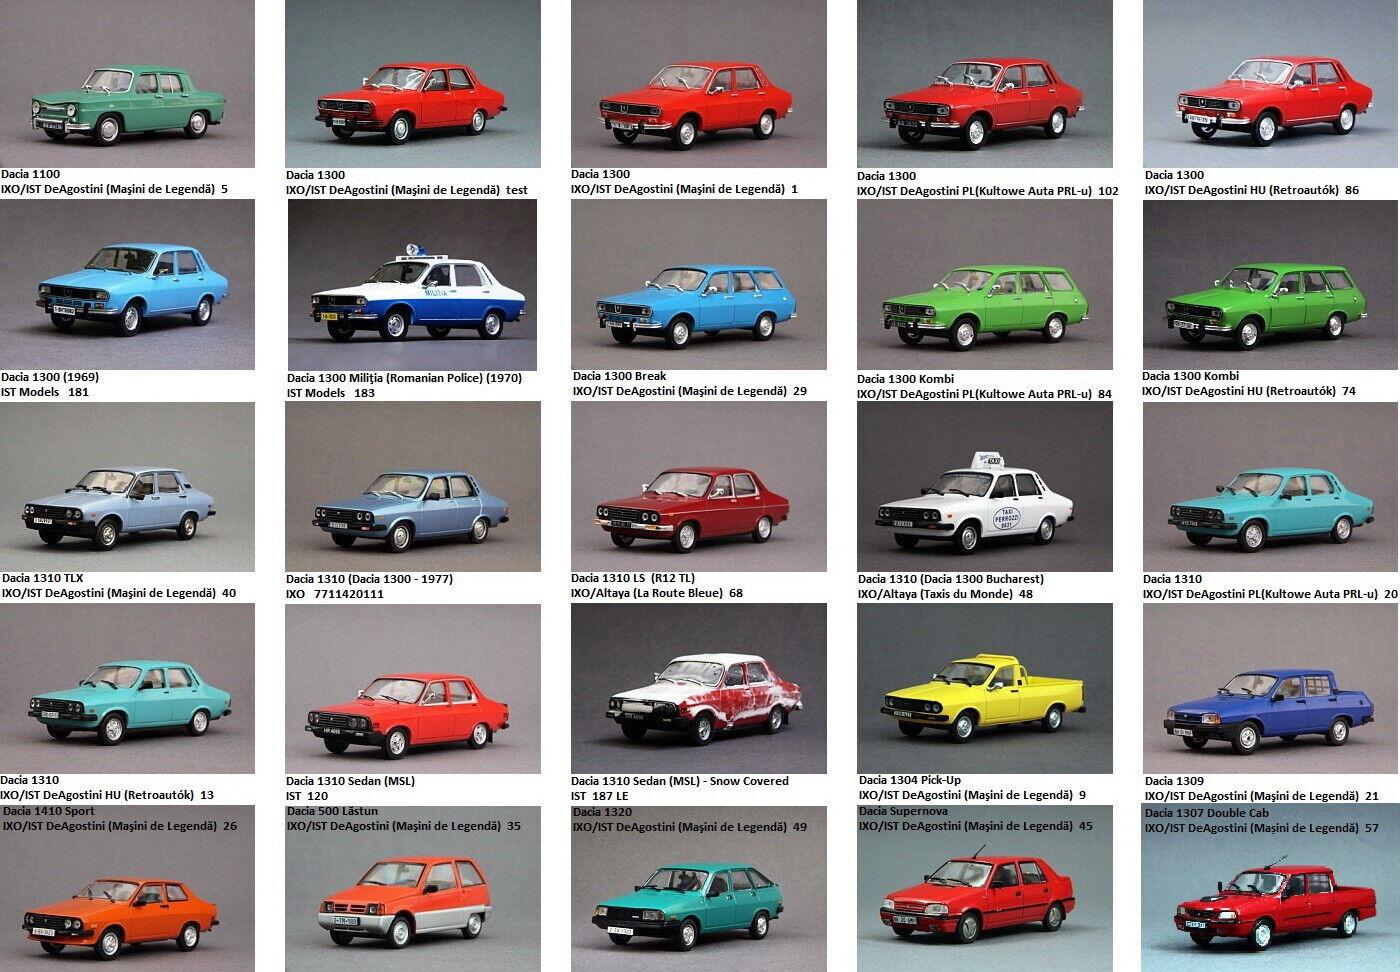 Lot of 56 pcs. of Dacia 1300 1310 1410 Break 1 43 (not Renault 12)